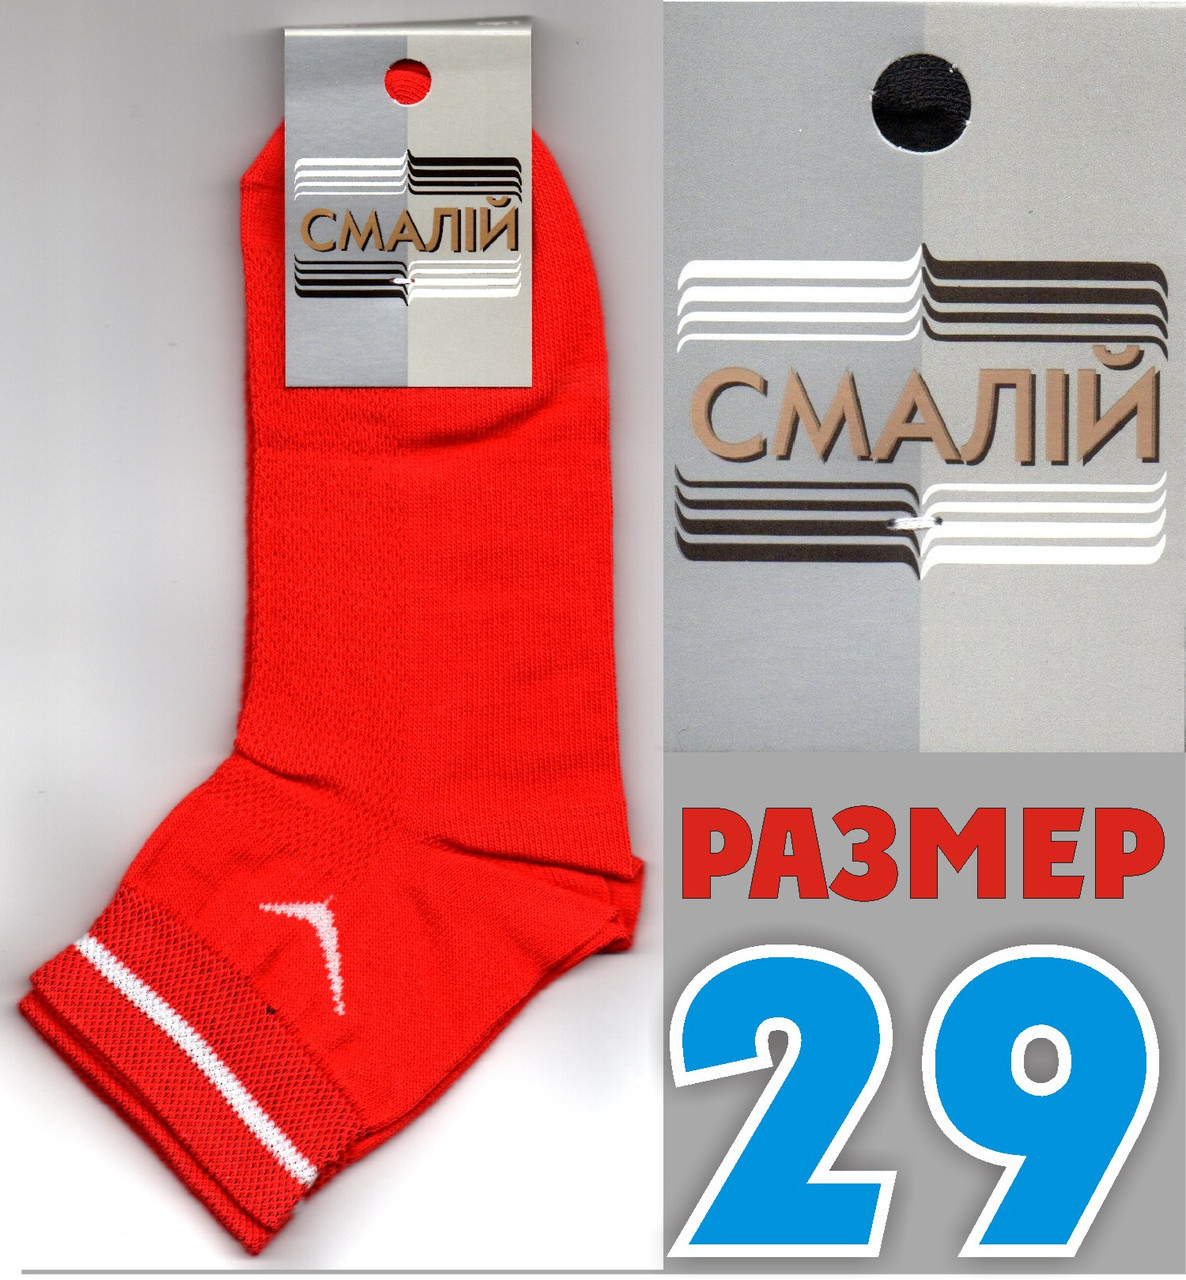 Красные носки мужские с сеткой ассорти Смалий Украина 29р НМЛ-06205